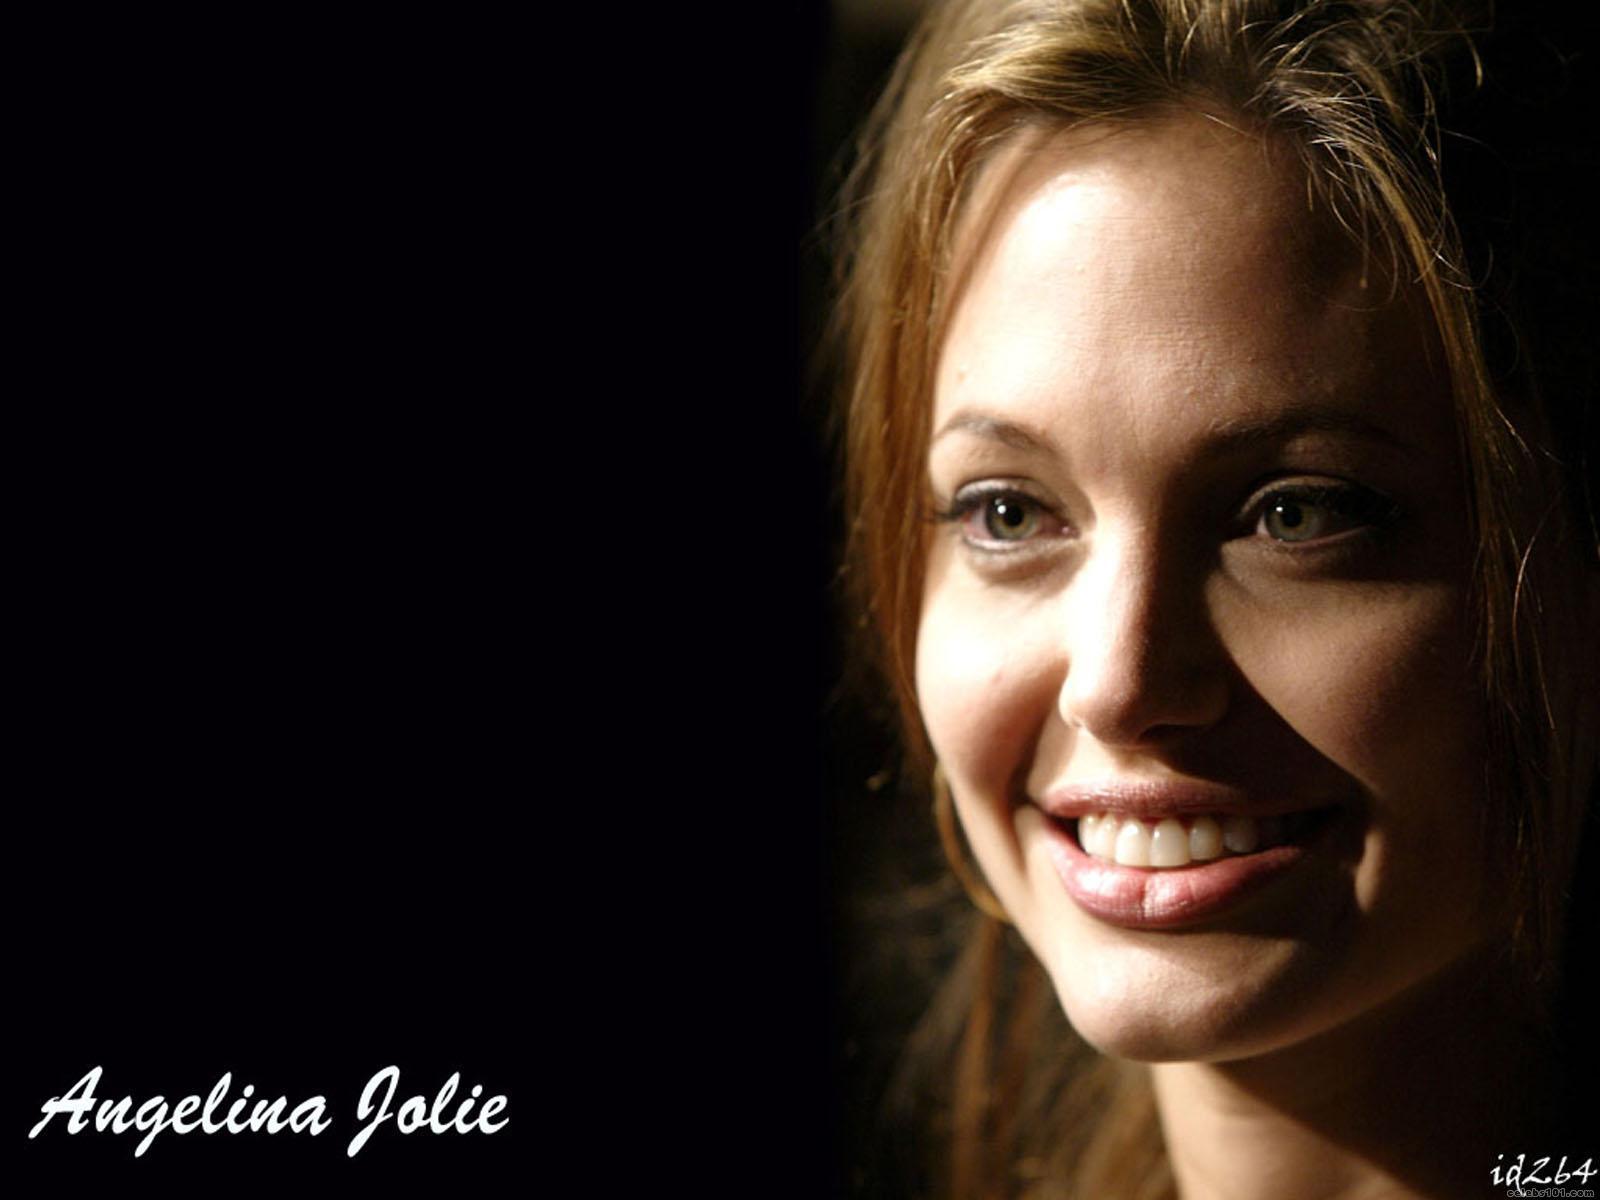 wallpaperstopick angelina jolie